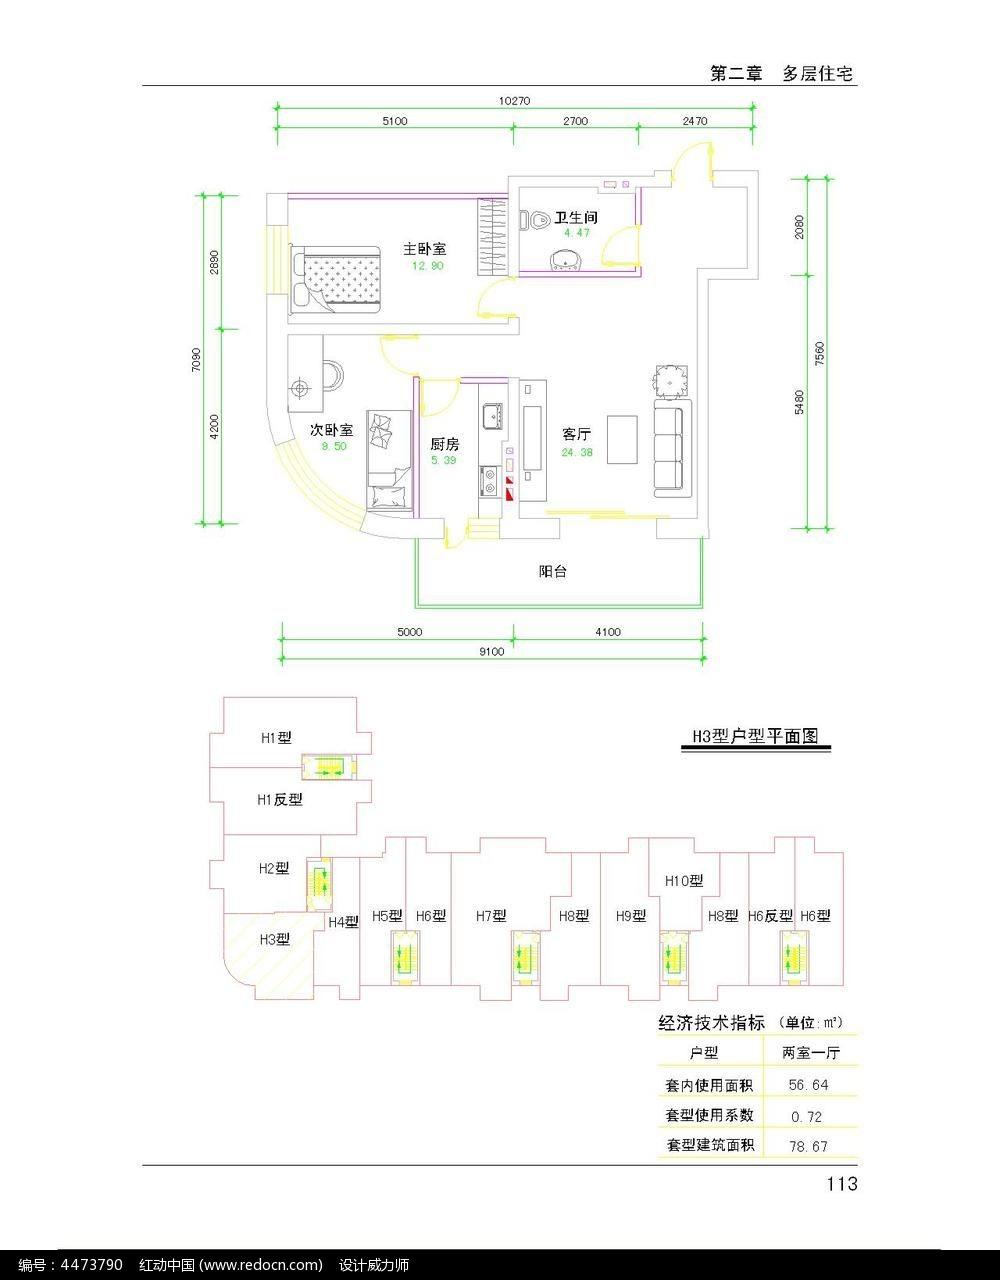 两室一厅户型cad图纸